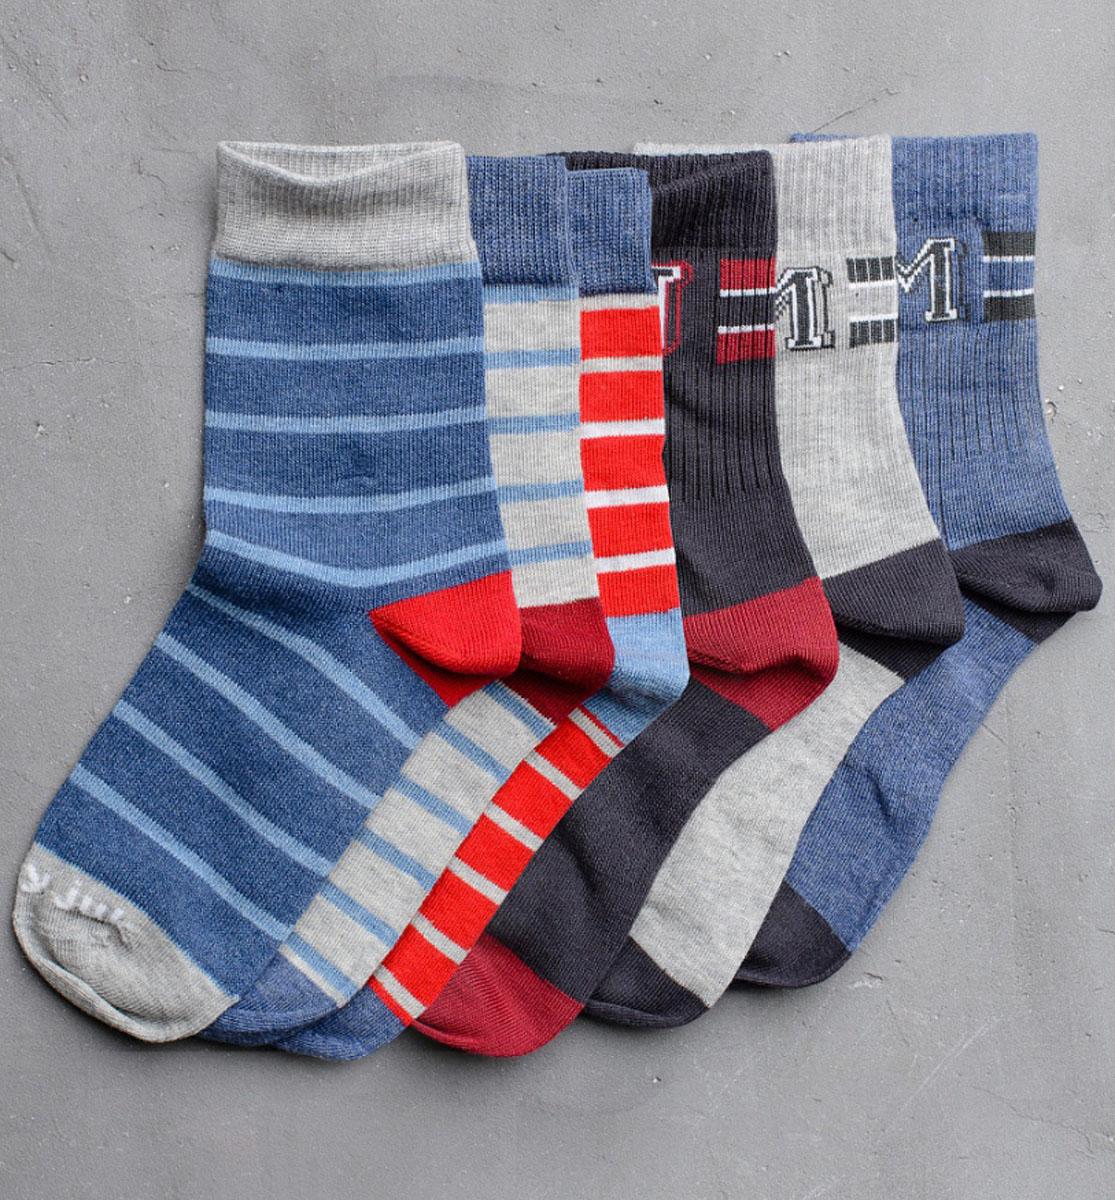 Носки для мальчика Modniy Juk, цвет: мультиколор. Socks 22/Logo. Размер 16/18Socks 22/Logo/Стильные носки для мальчика Modniy Juk изготовлены из высококачественного материала, они приятны на ощупь, не раздражают нежную и чувствительную кожу ребенка, позволяя ей дышать. Модель отлично облегает стопу. Усиленный мысок и пятка продлят срок эксплуатации. Изделие дополнено логотипом в стиле Modniy Juk.